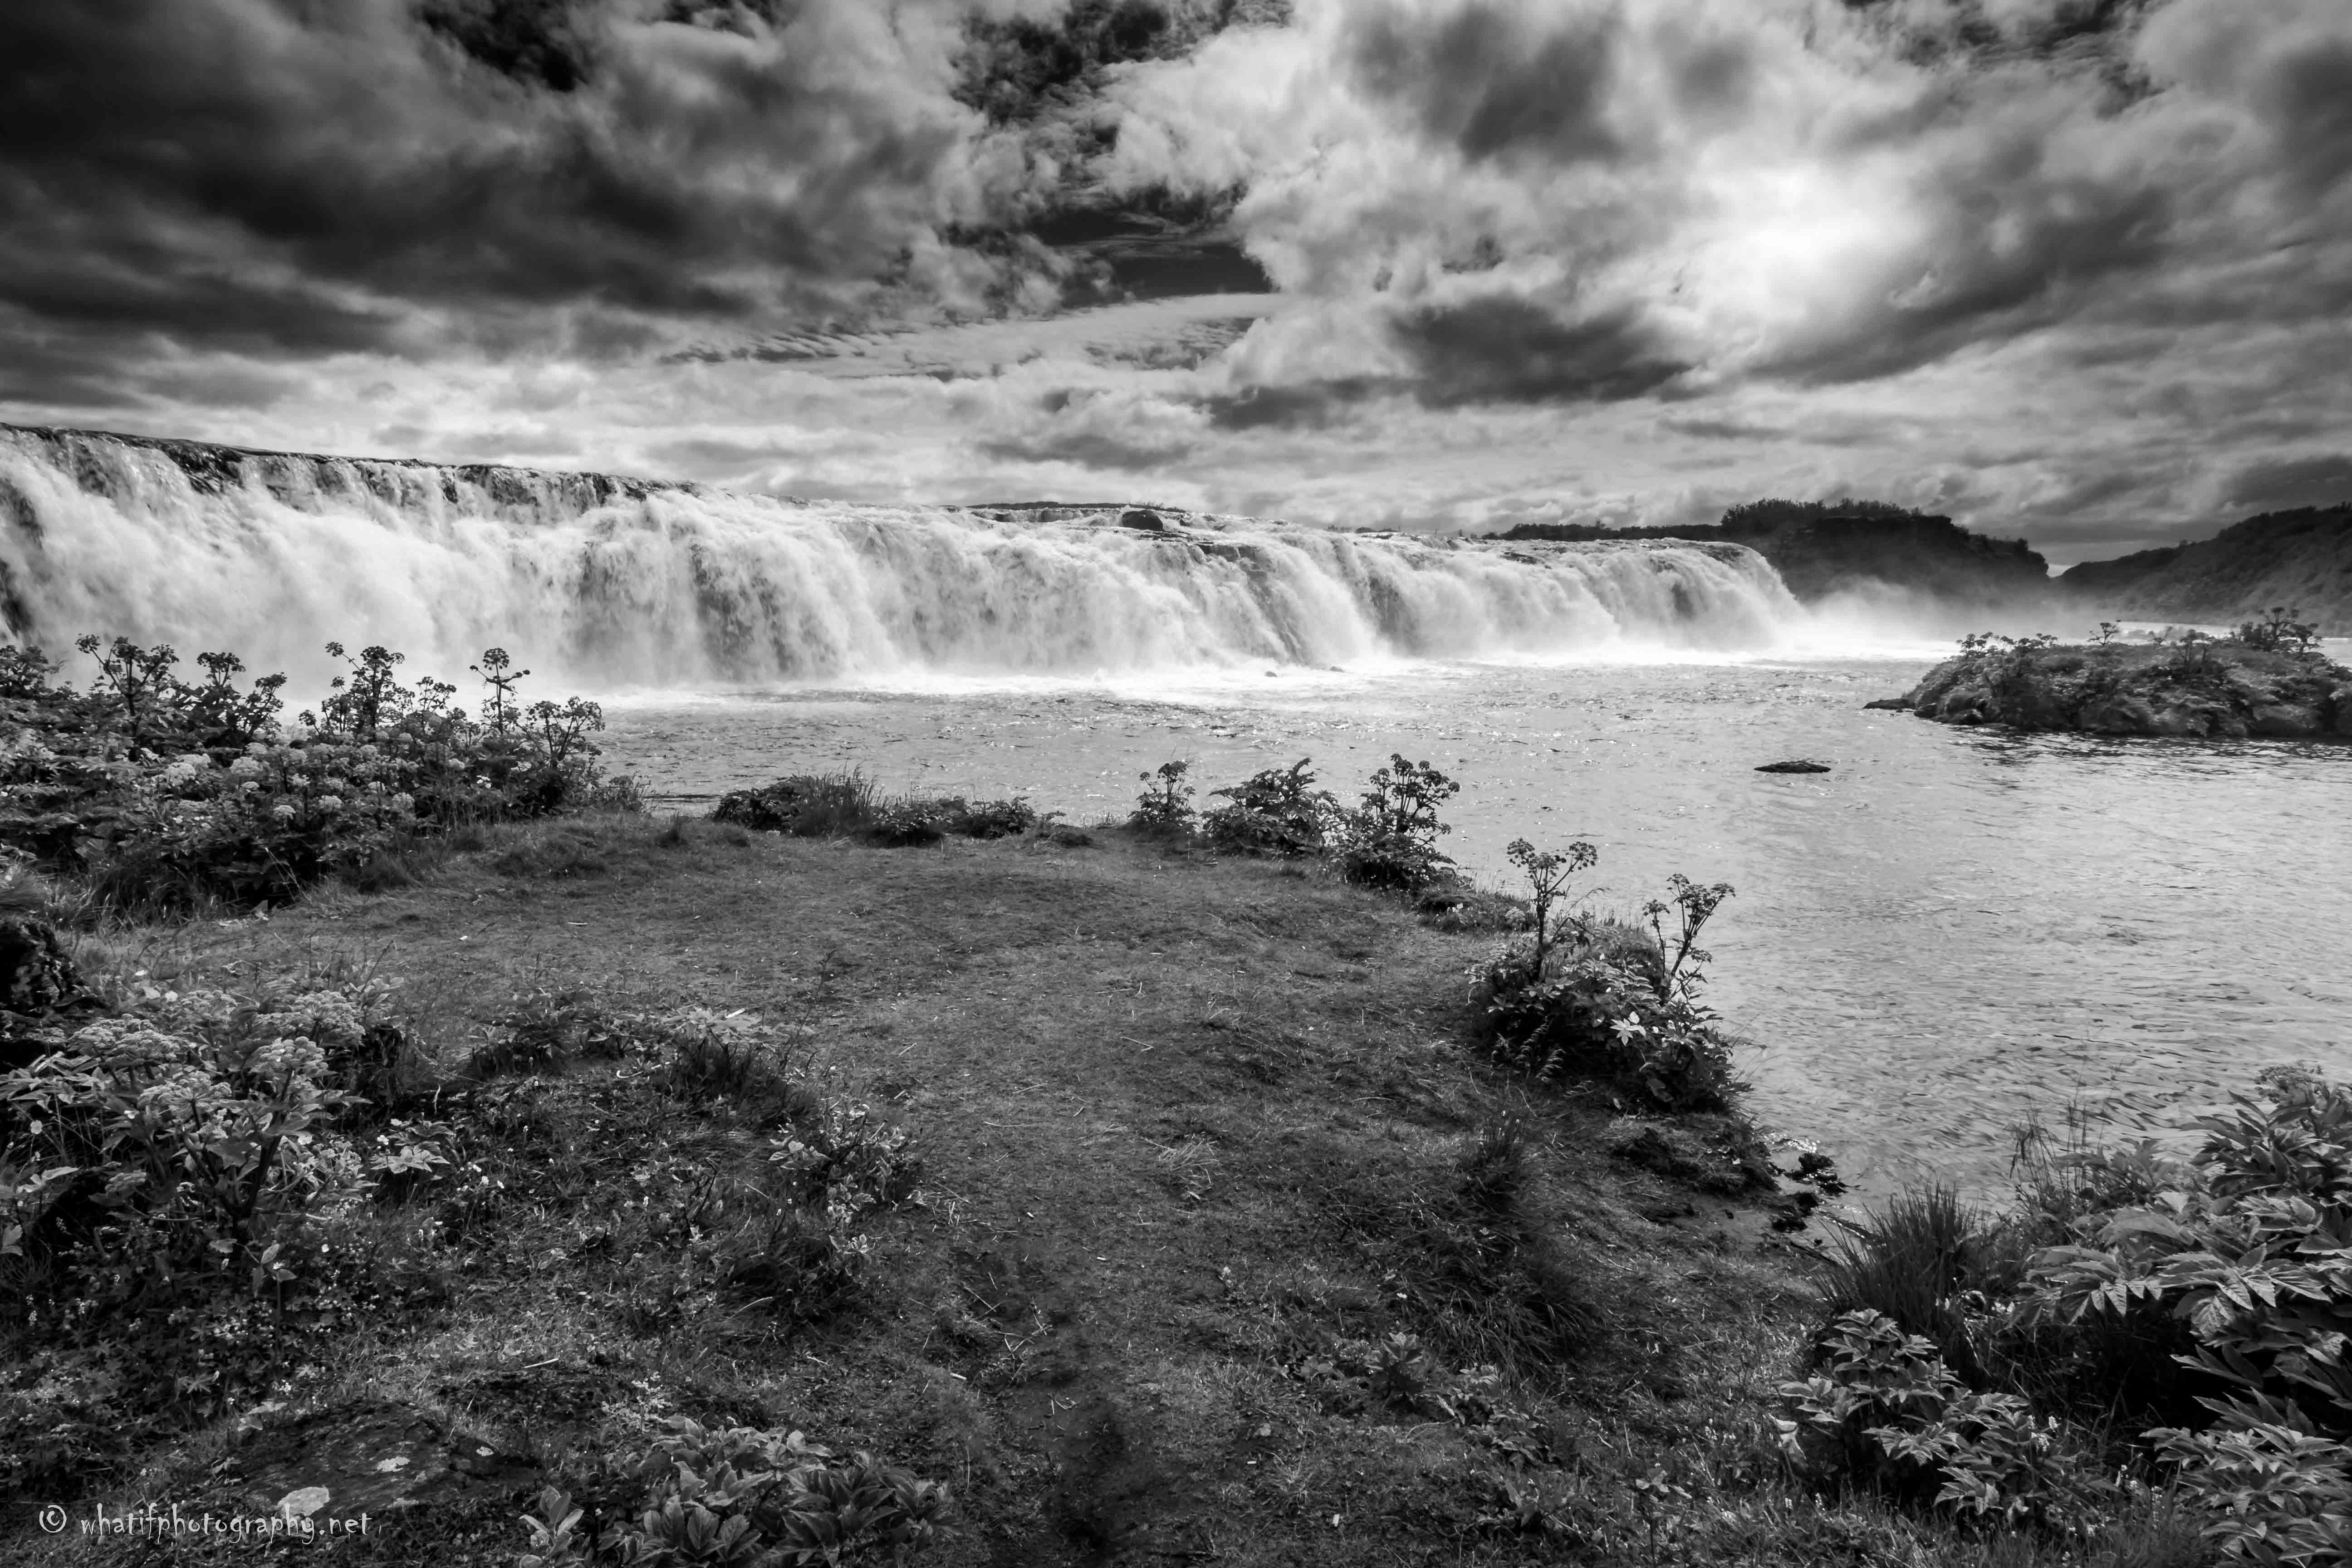 Faxi (Vatnsleysufoss) Waterfall, Iceland